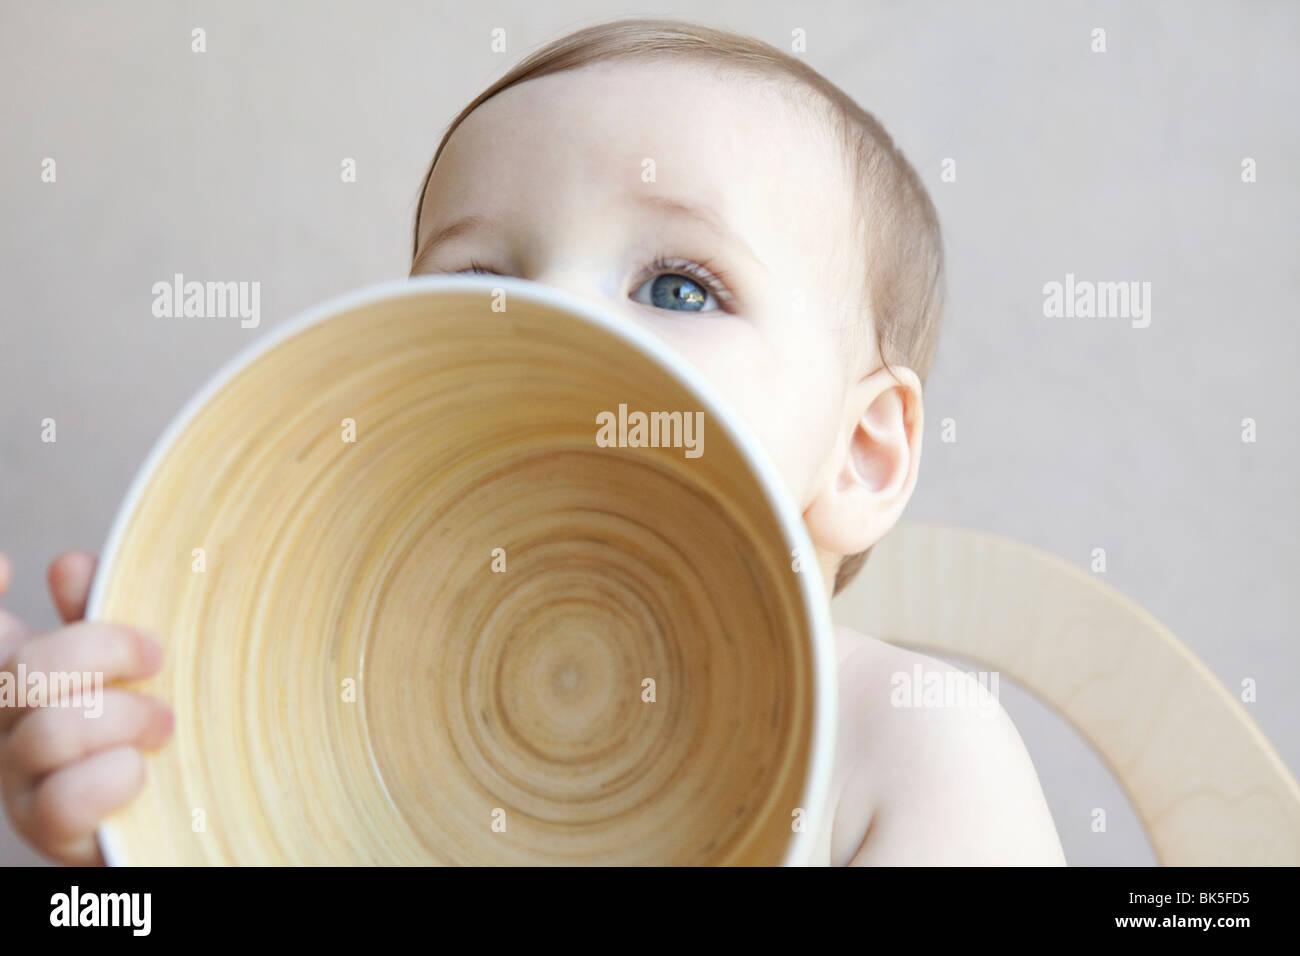 Baby holding large bowl - Stock Image